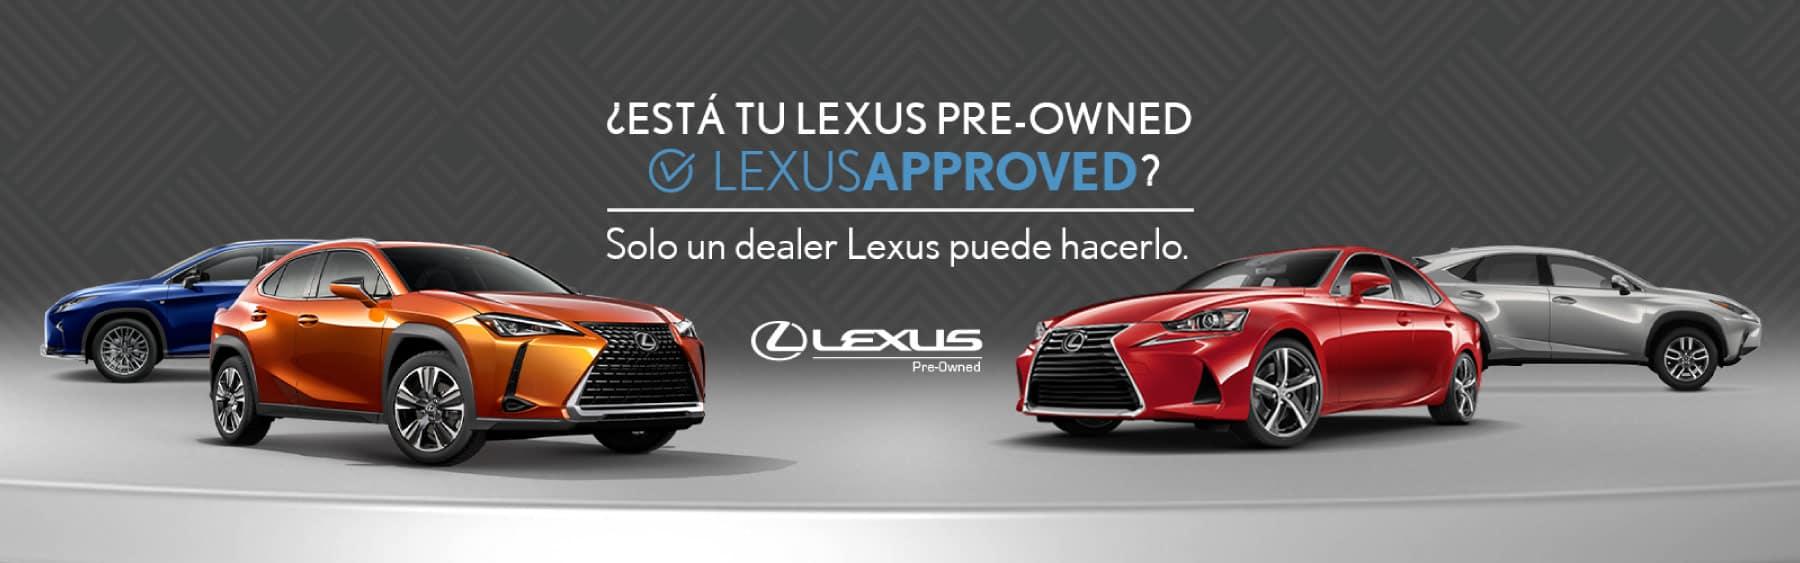 Lexus Pre-Owned